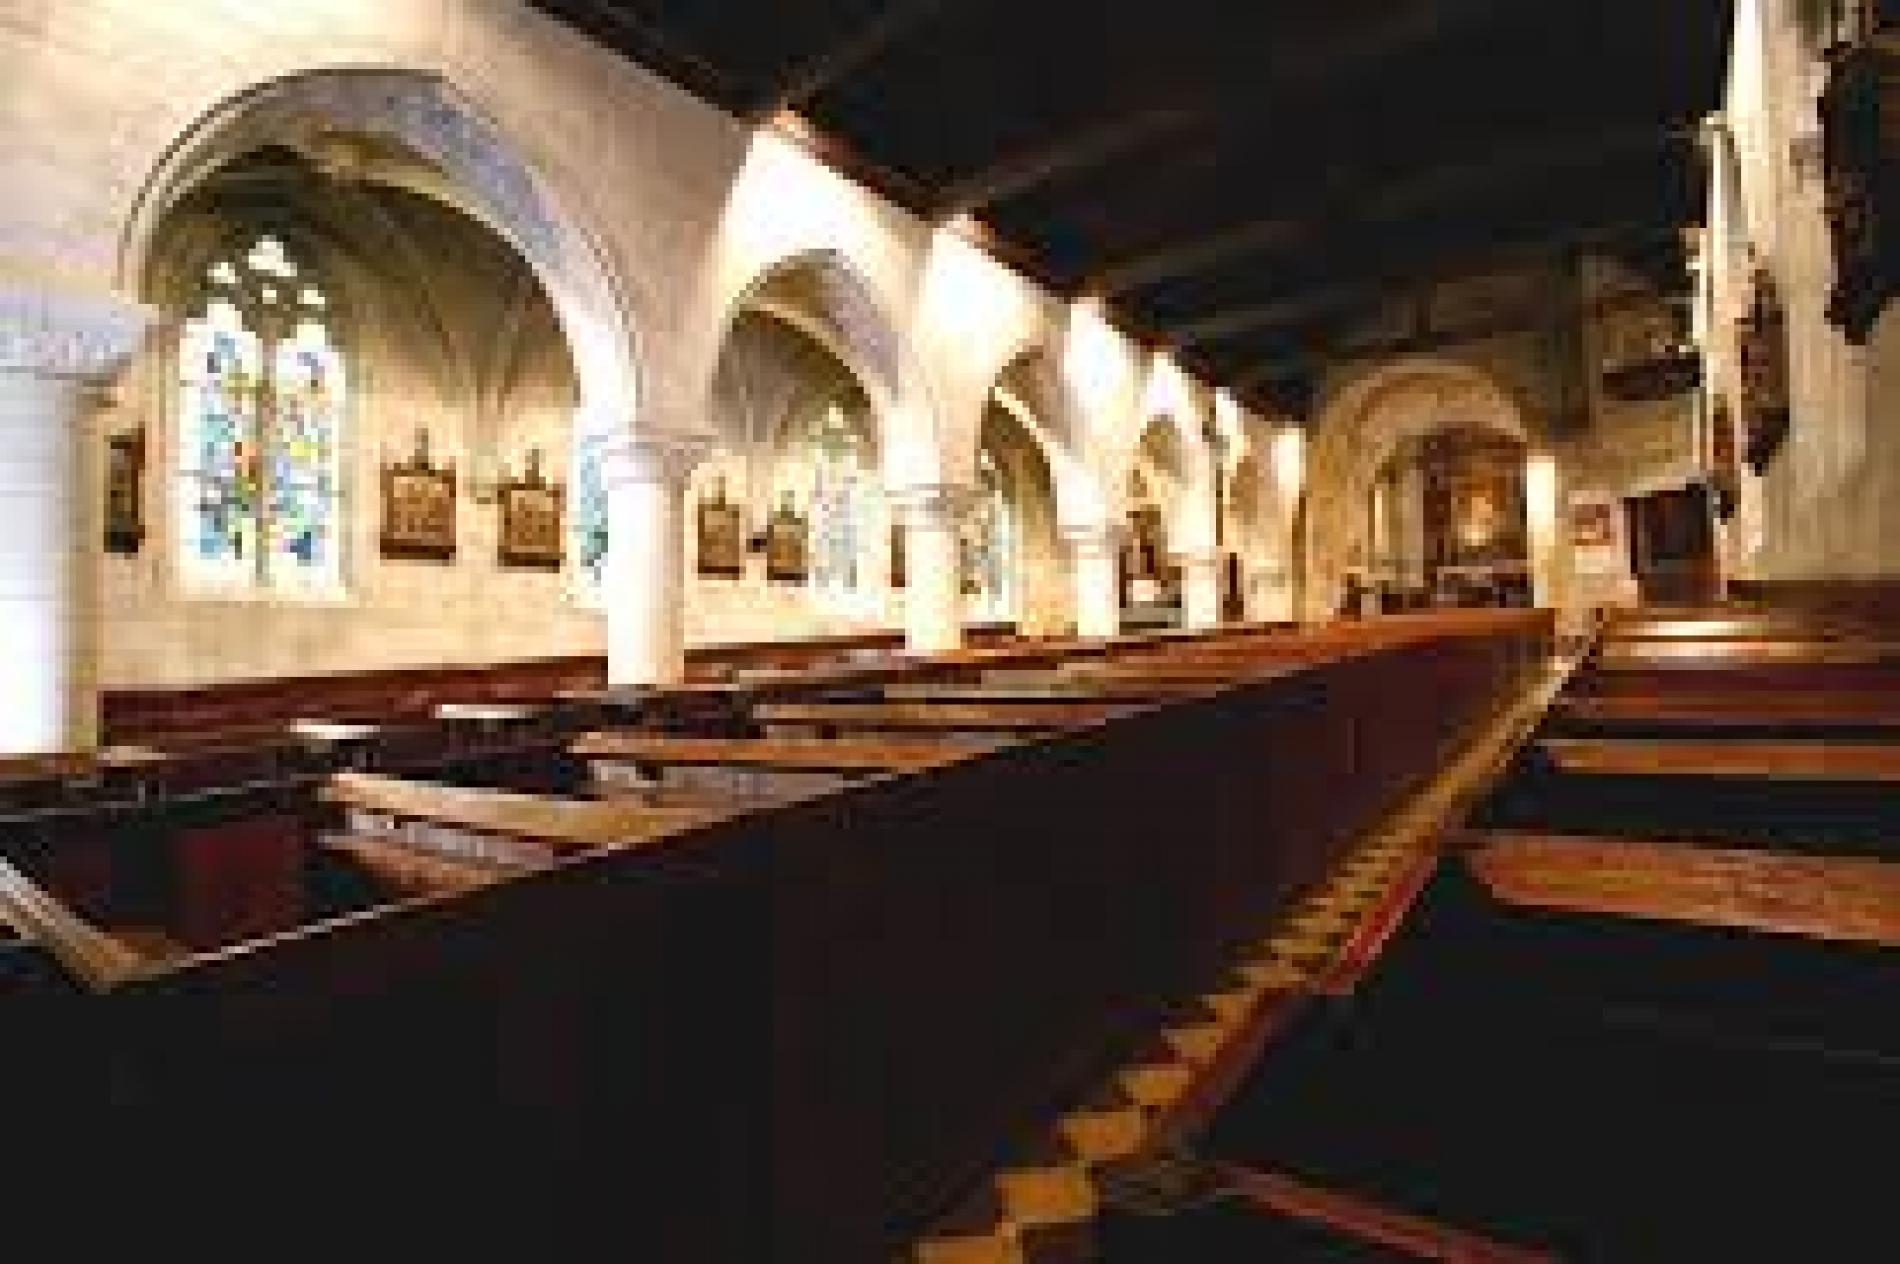 Eglise à l'Architecture unique  De Cormeilles